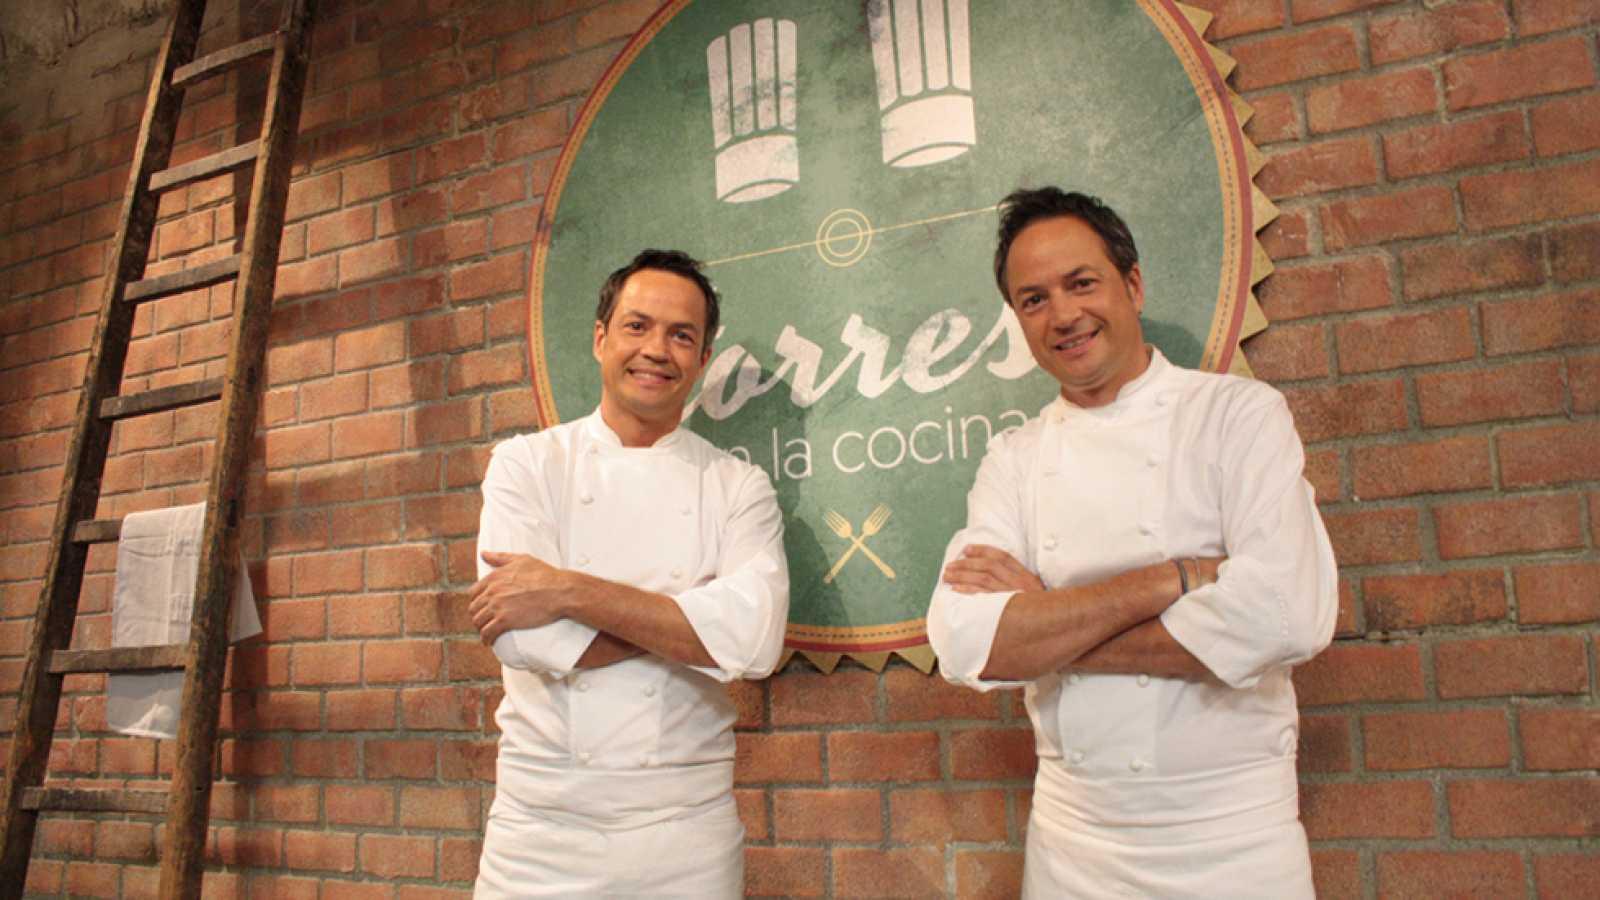 Torres En La Cocina Torres En La Cocina Llega A Tve La Cocina Fácil Divertida Y Con Sabor